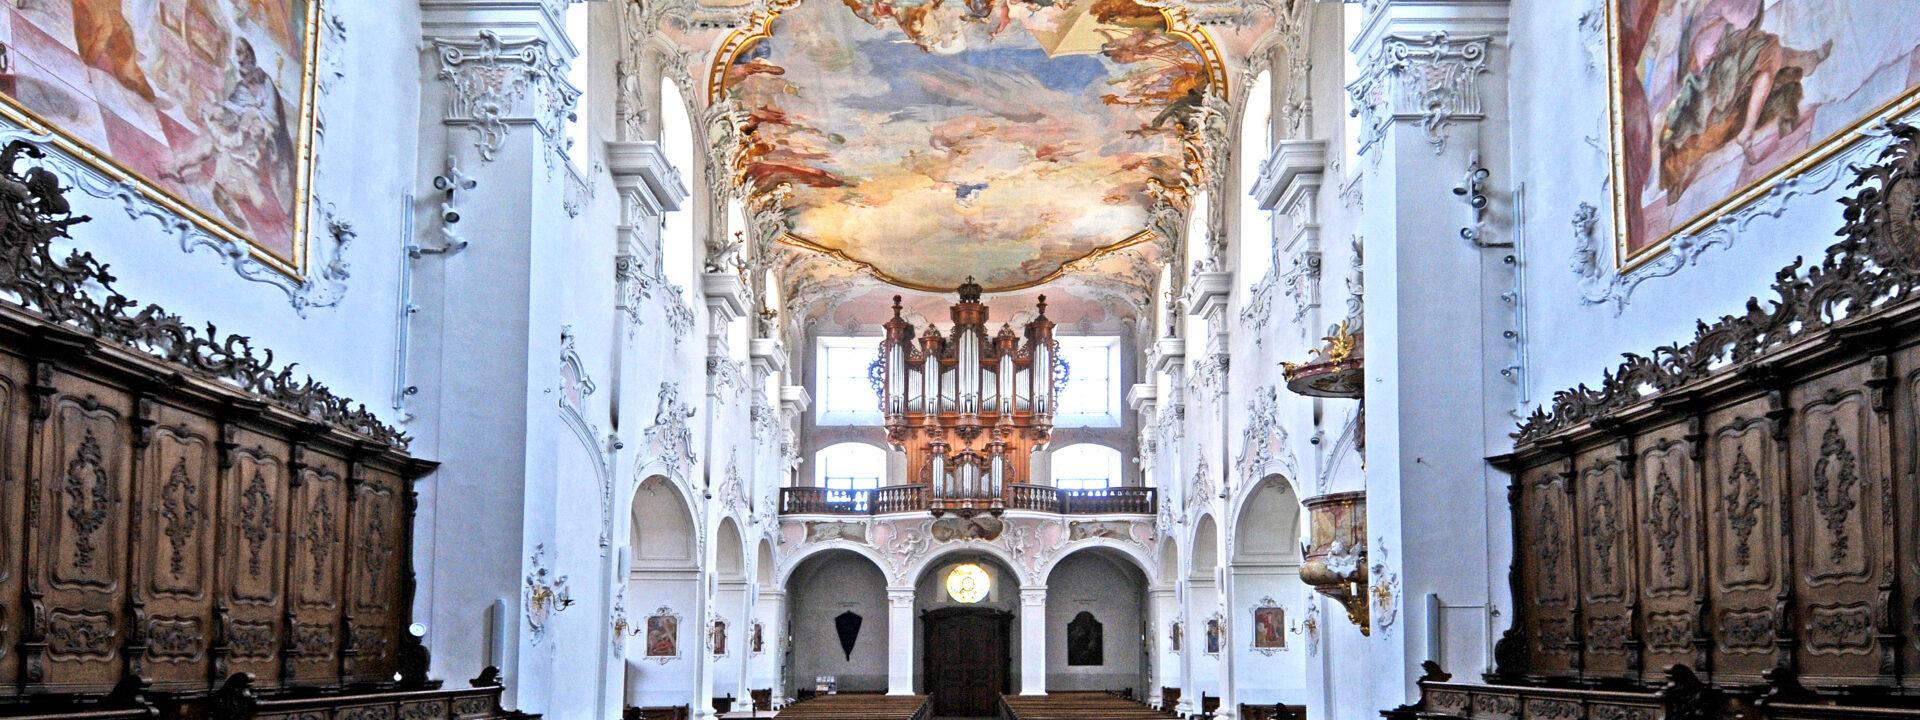 Dom von Arlesheim